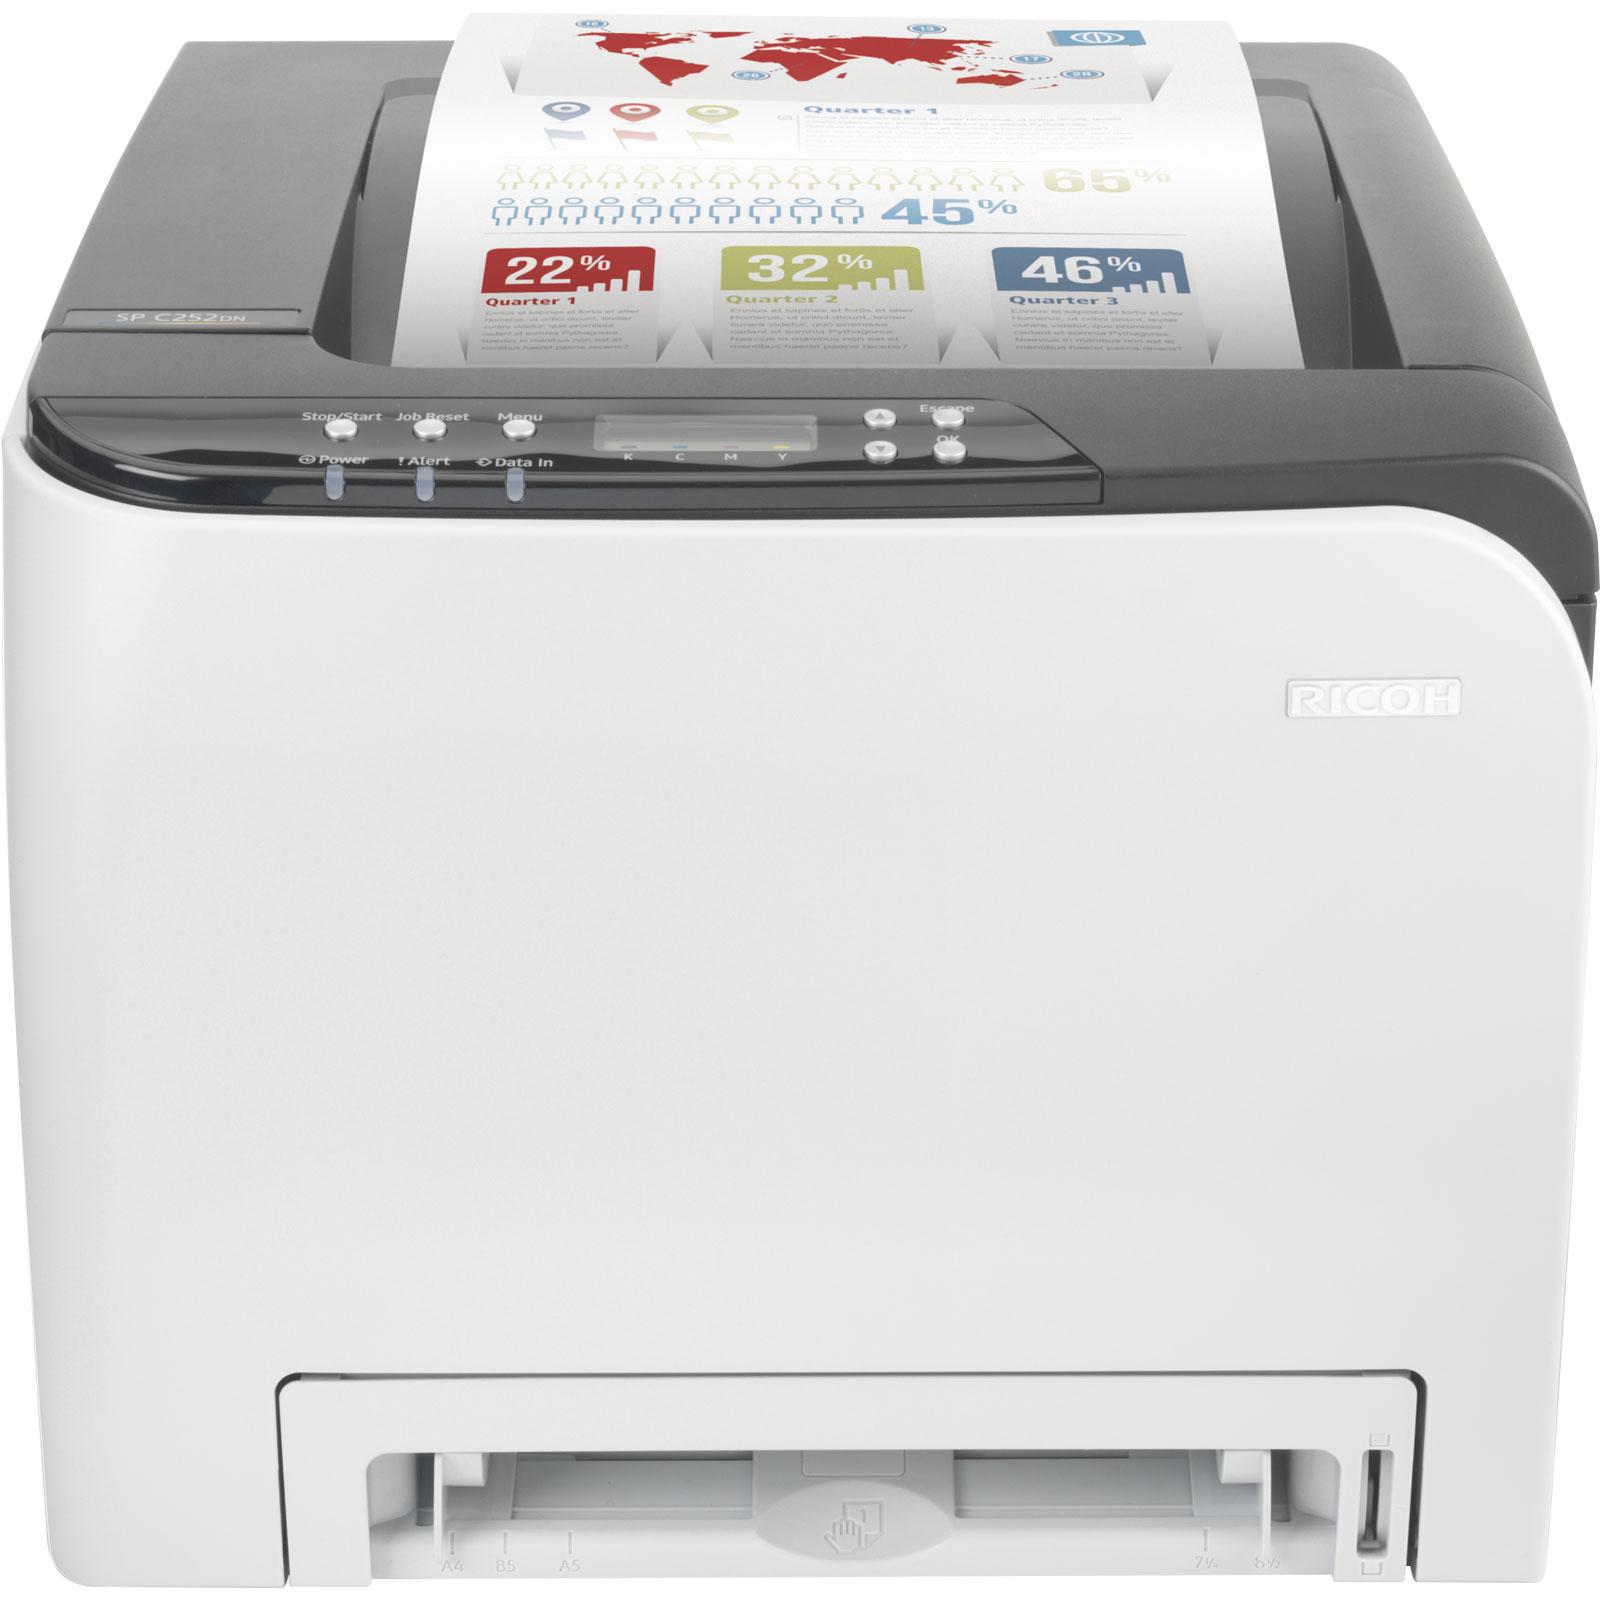 RICOH SP C252DN duplex Farb-Laserdrucker (WLAN, USB)